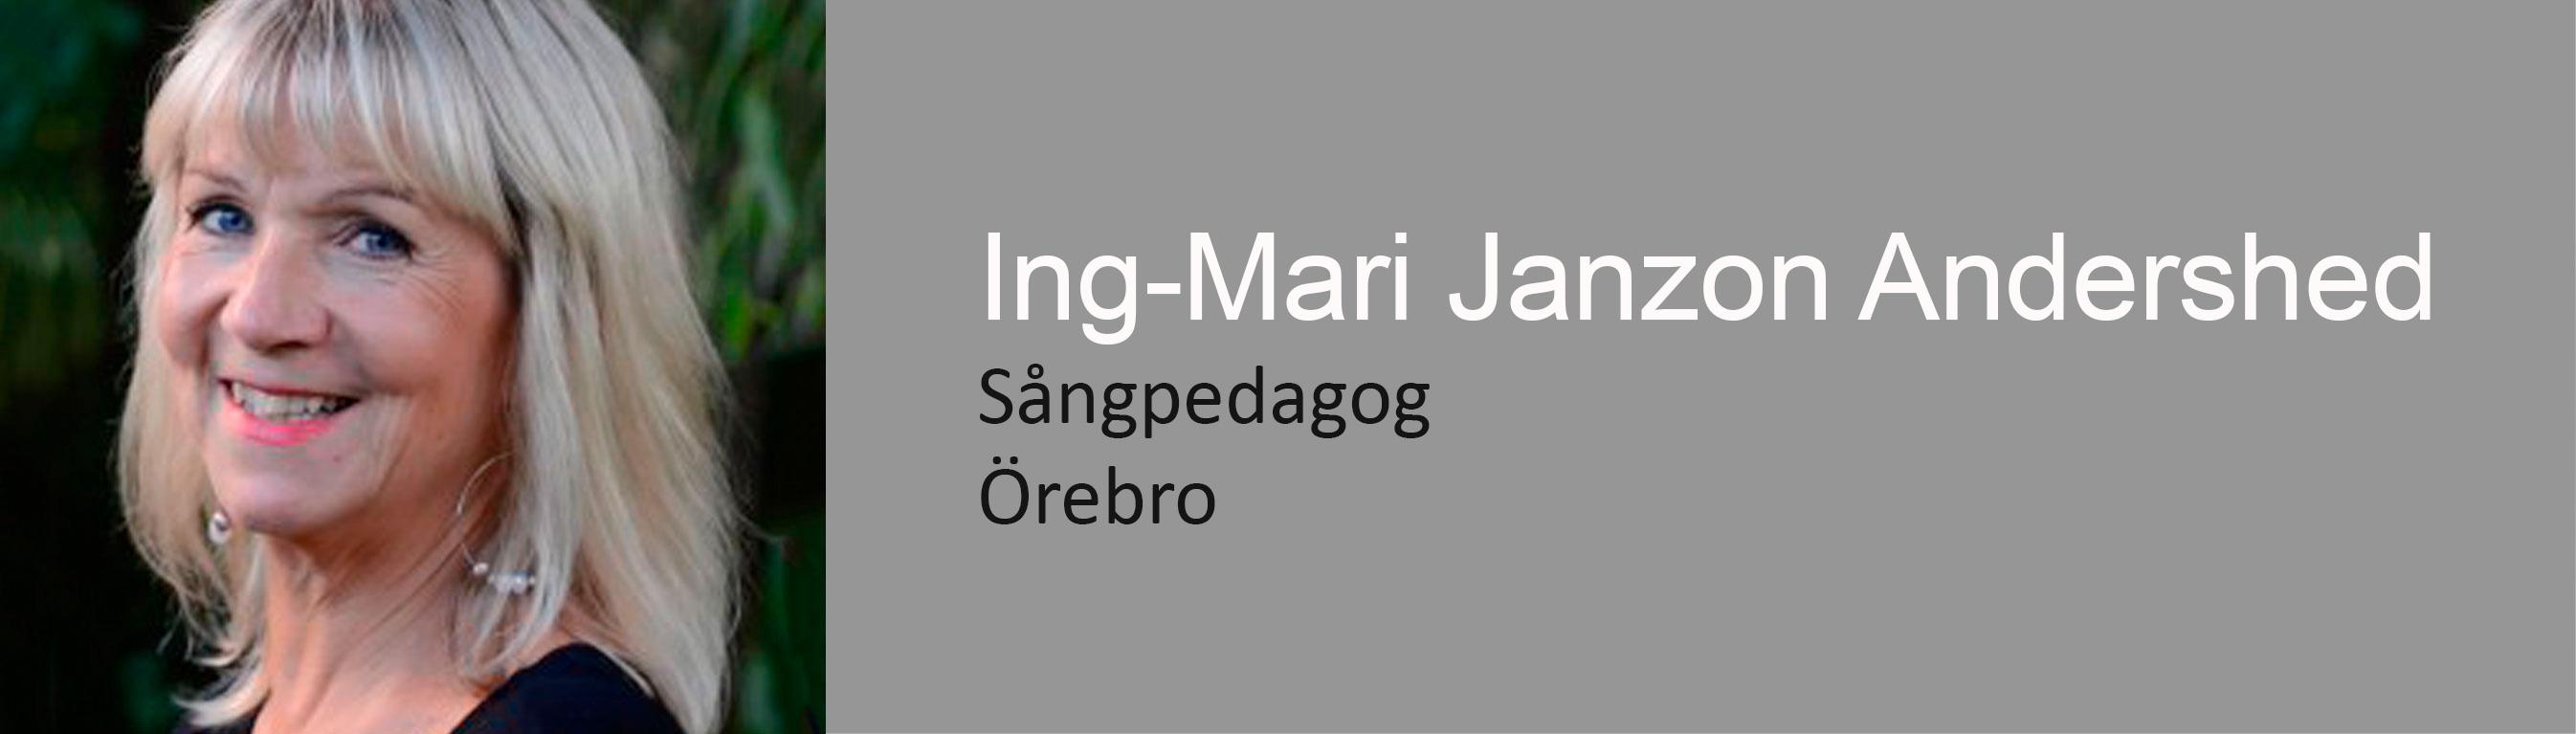 sångpedagog ingmarie janzon andershed